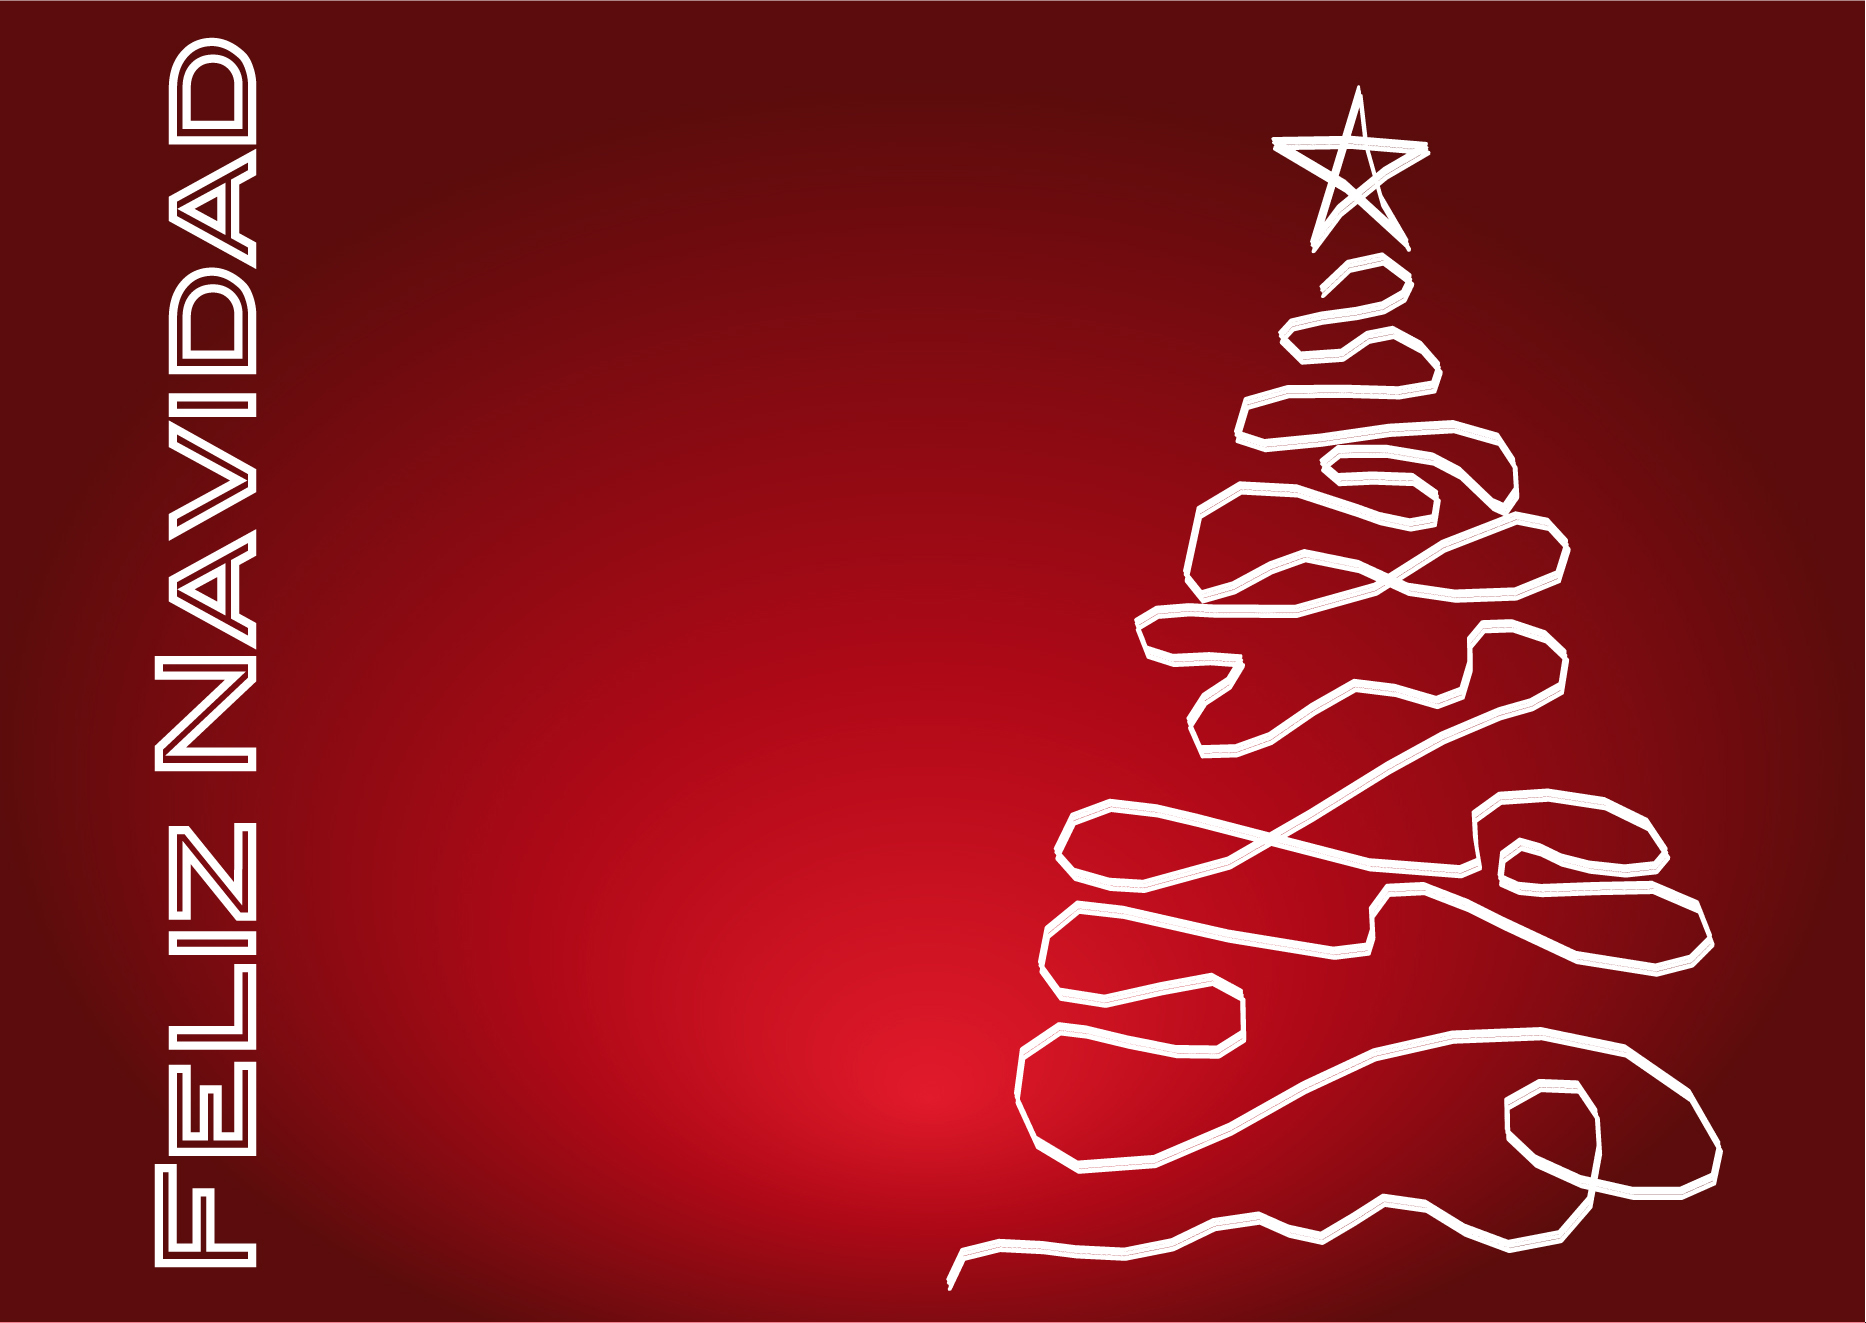 Tarjetas de navidad tarjetas navide as para felicitar las for Hacer tarjetas de navidad con fotos